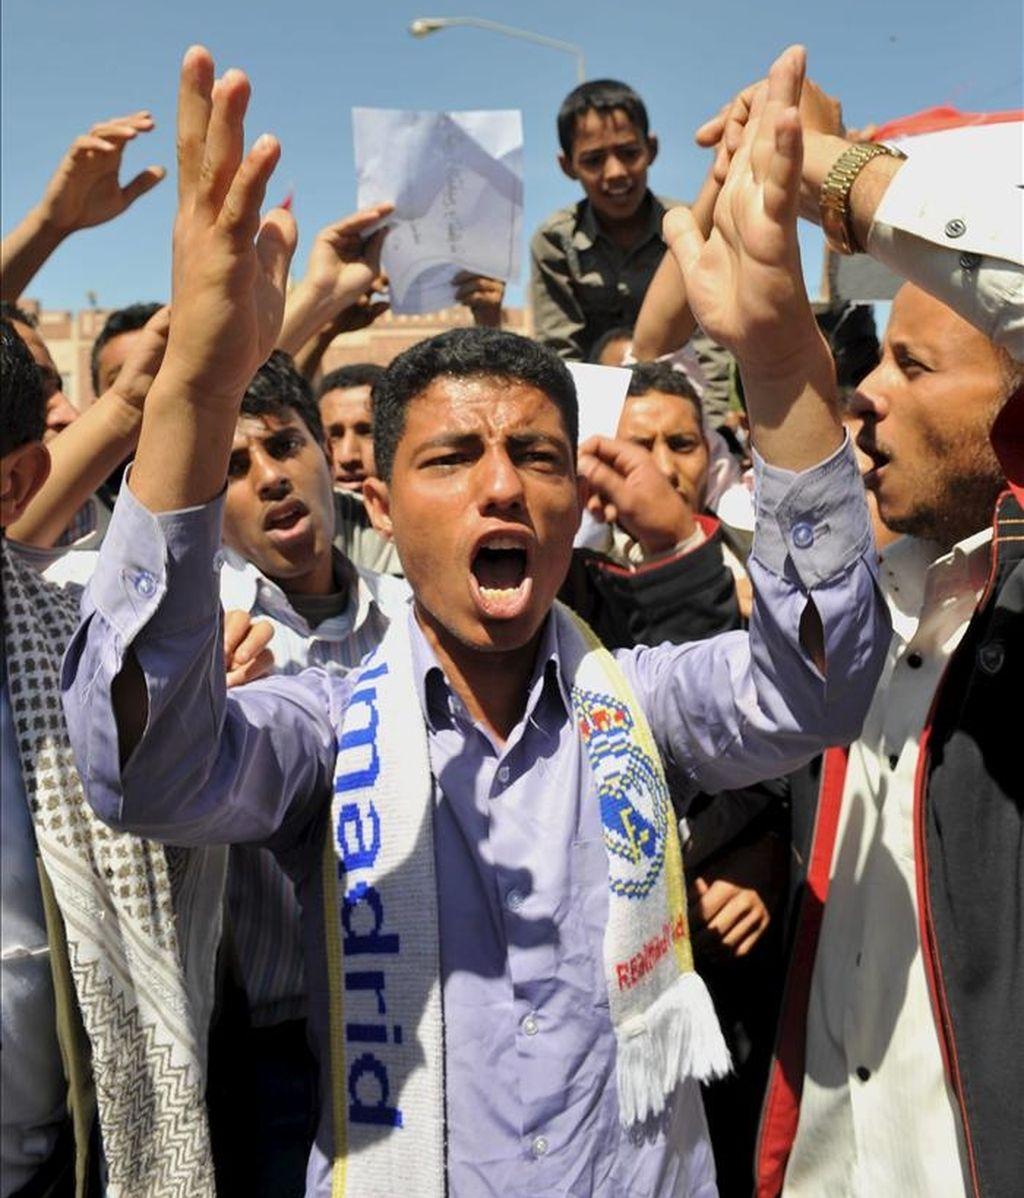 """""""Creo que eso ayuda mucho a explicar lo que ha ocurrido recientemente en Oriente Medio"""", afirmó Nigel Roberts, co-director del informe. En la imagen, yemeníes se manifiestan contra el gobierno, en Saná, Yemen. EFE/Archivo"""